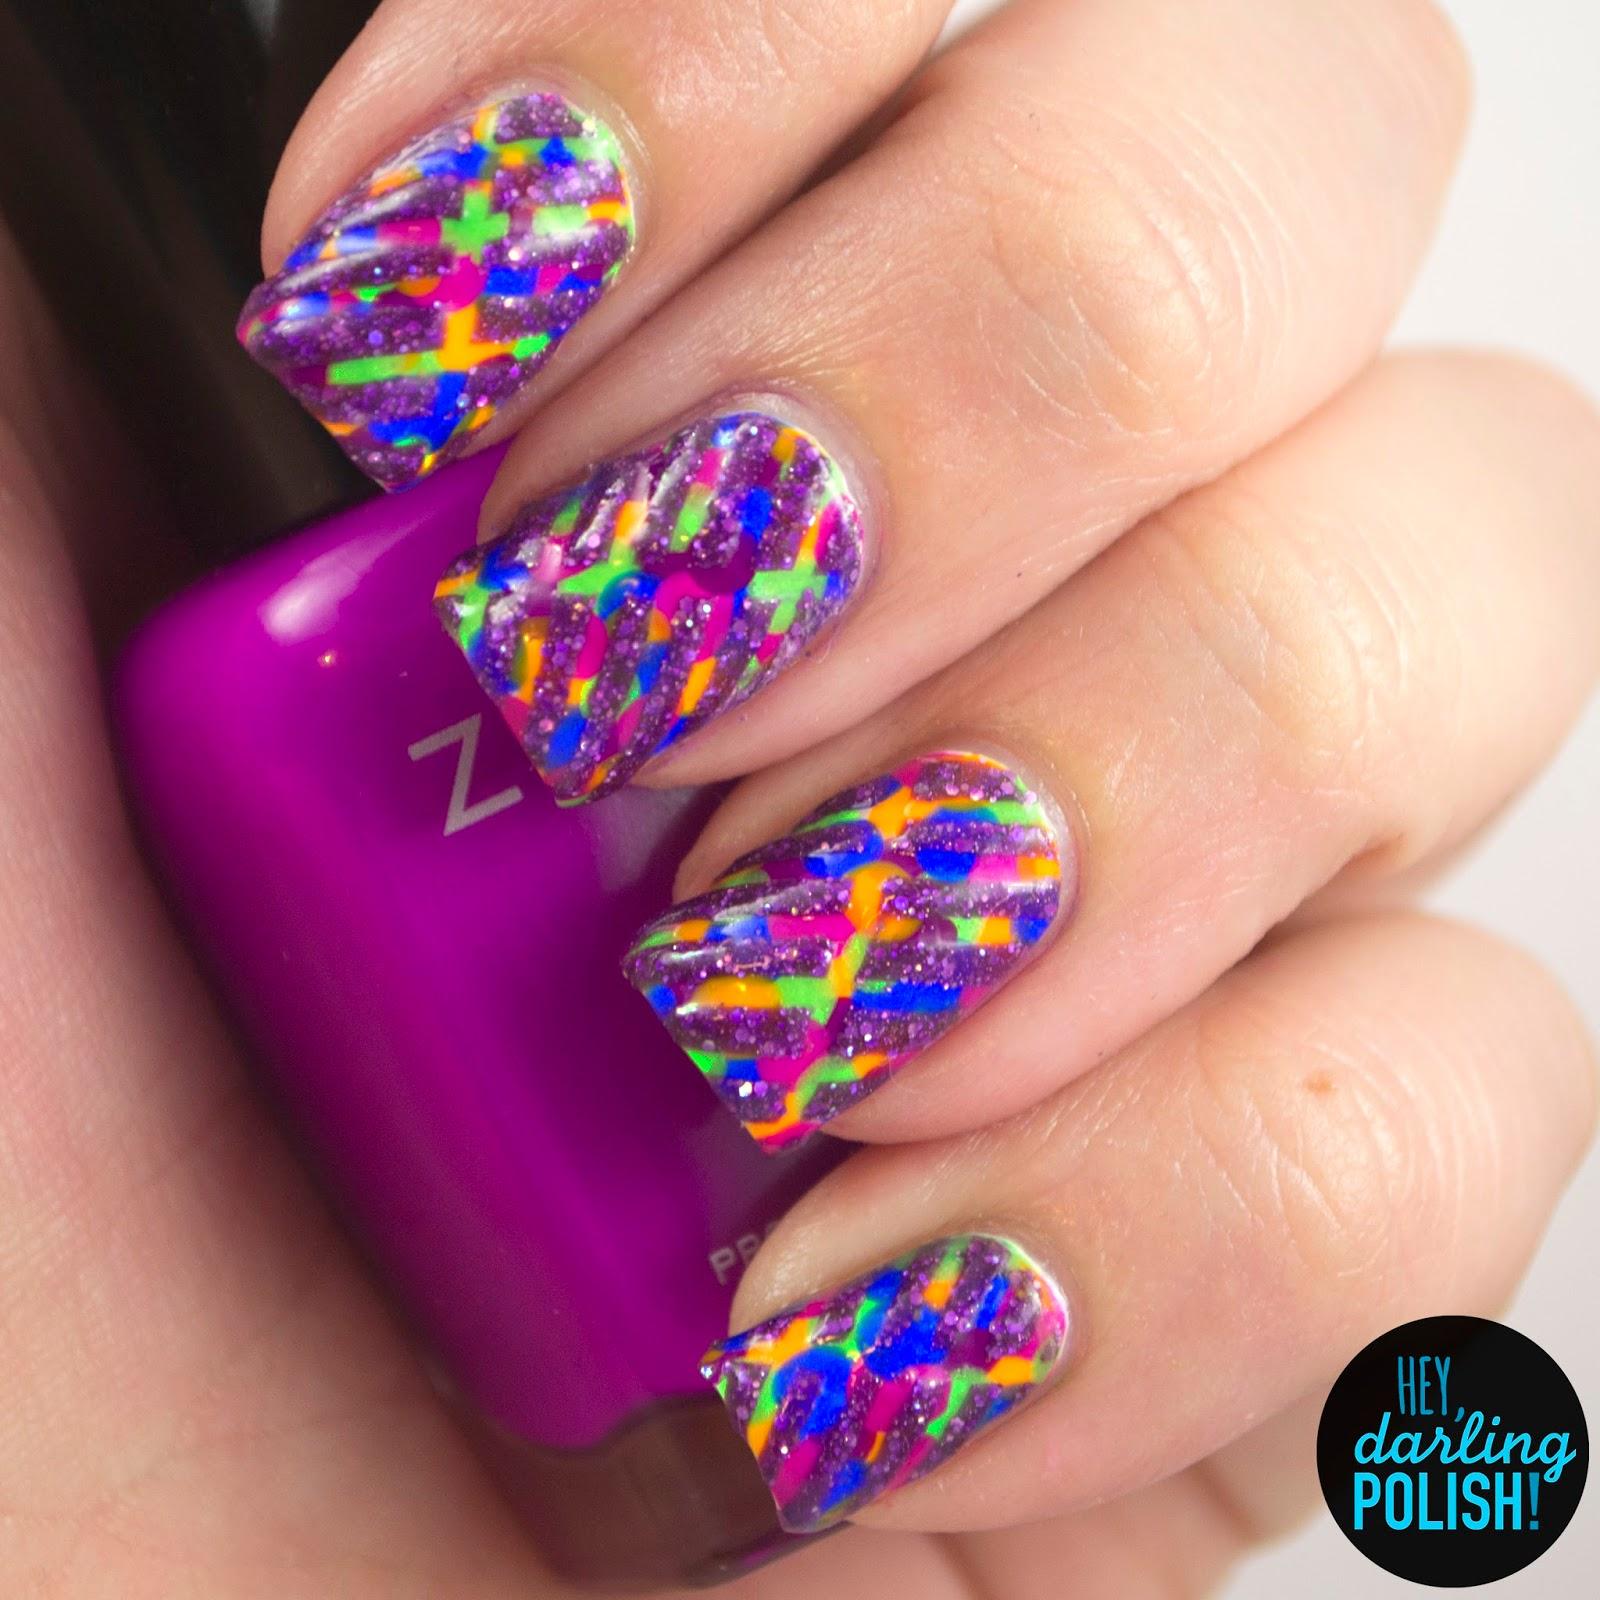 nails, nail art, nail polish, polish, neon, stripes, glitter, hey darling polish, naillinkup, tape